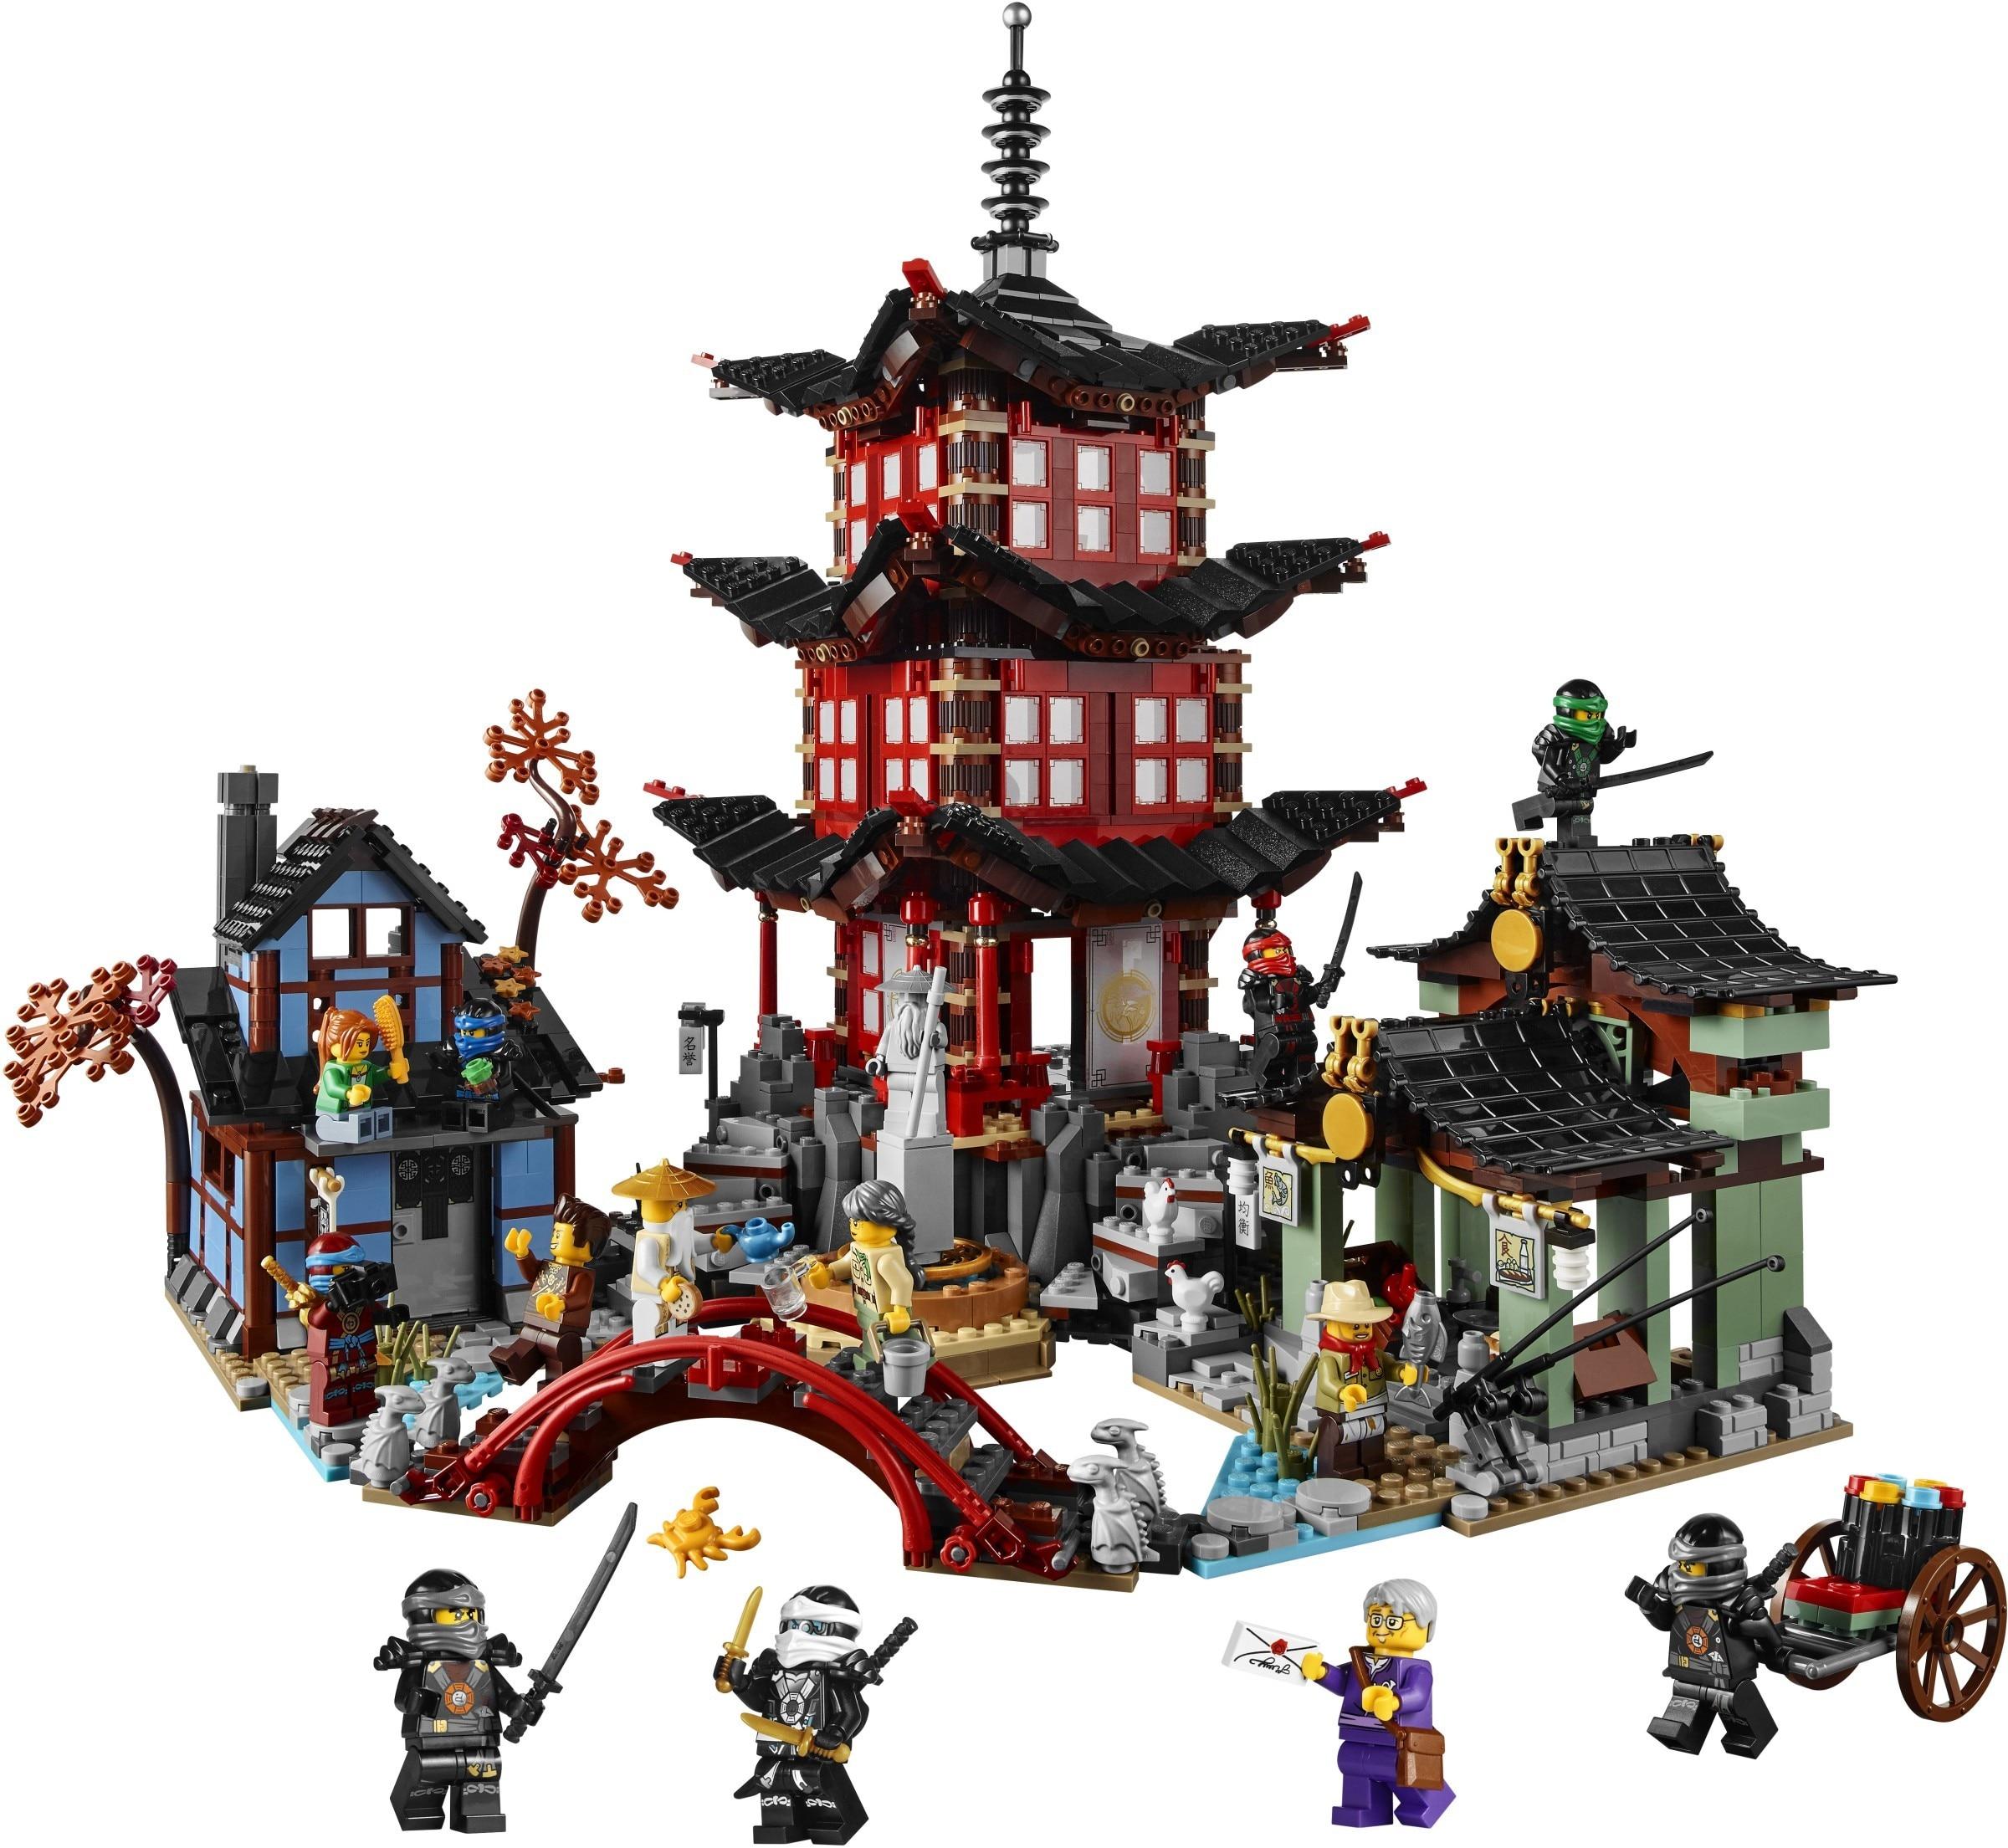 737 Uds Diy templo Ninja de Airjitzu Ninjagoes versión más pequeña juego de bloques de construcción Compatible con Legoinglys juguete para niños ladrillos